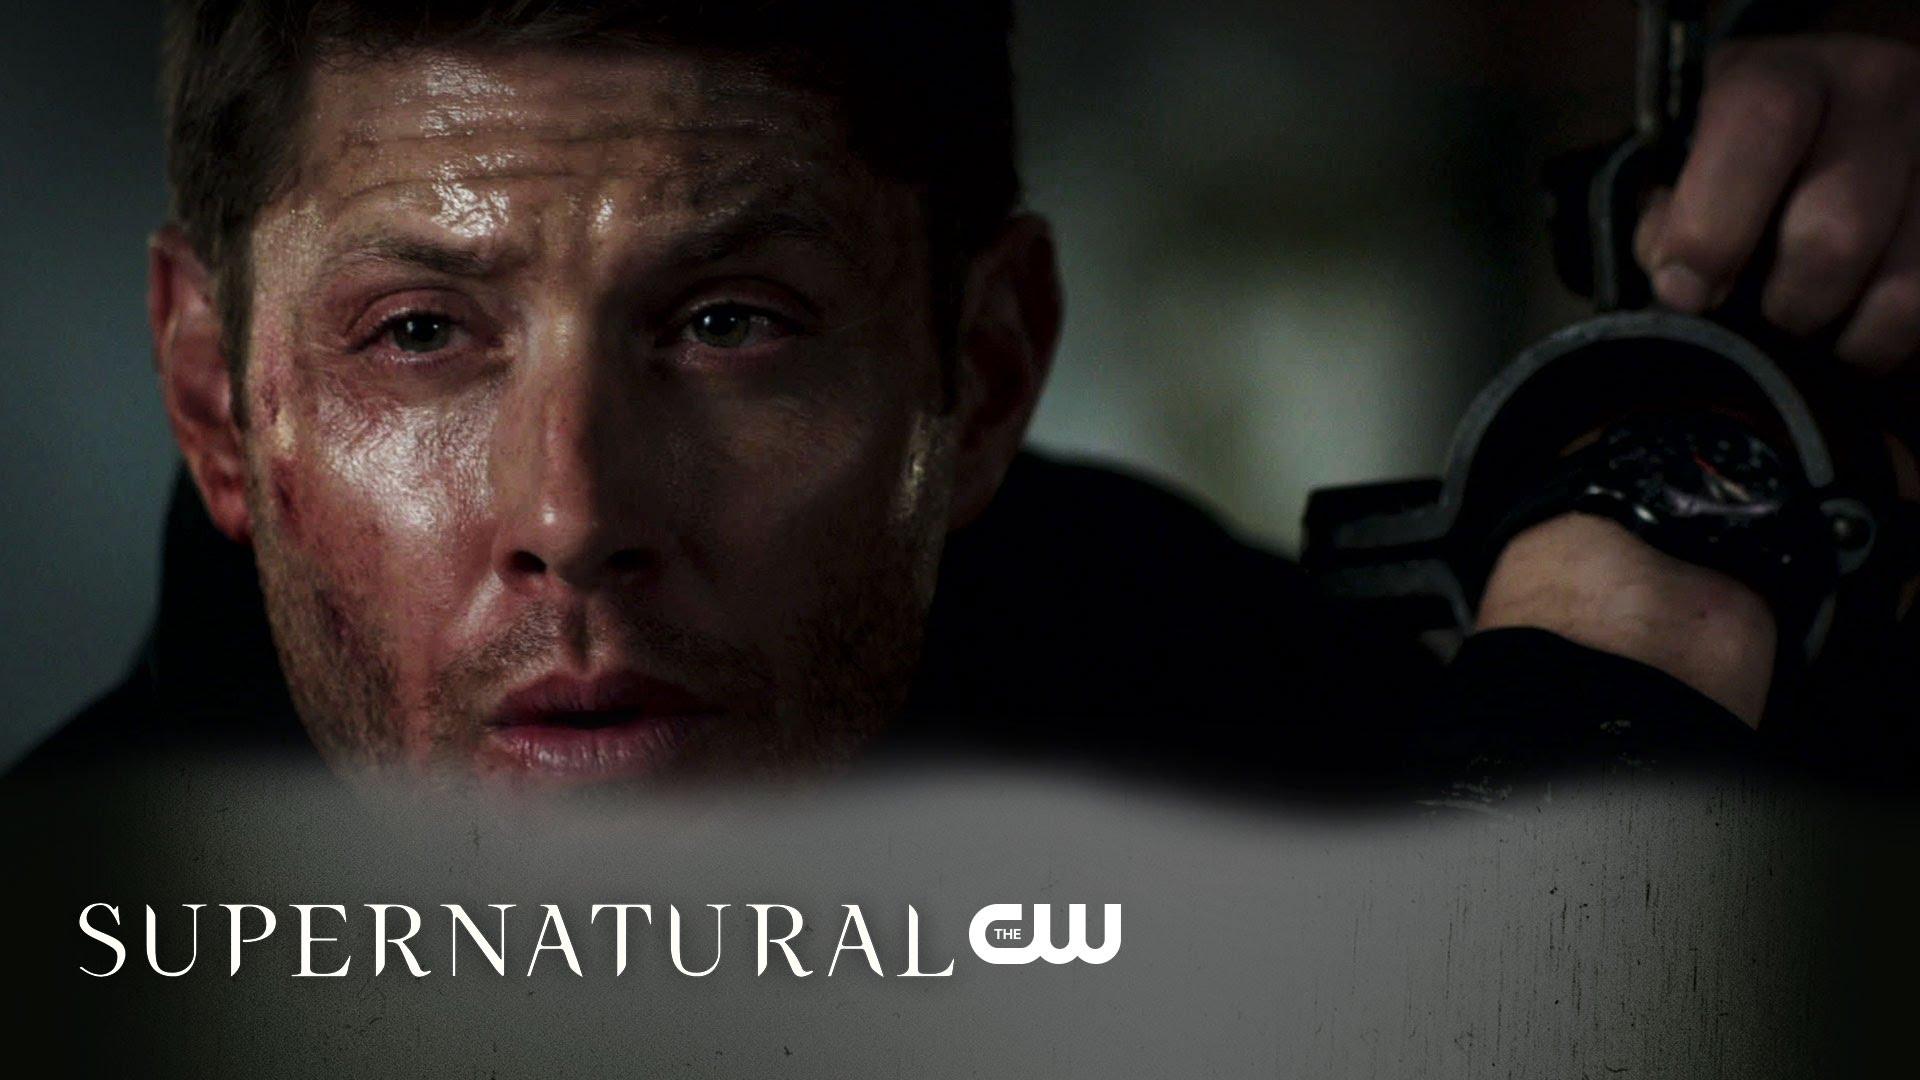 """""""Supernatural"""": Der Trailer zur 11. Staffel verspricht die Rückkehr eines eher unerwarteten Charakters"""